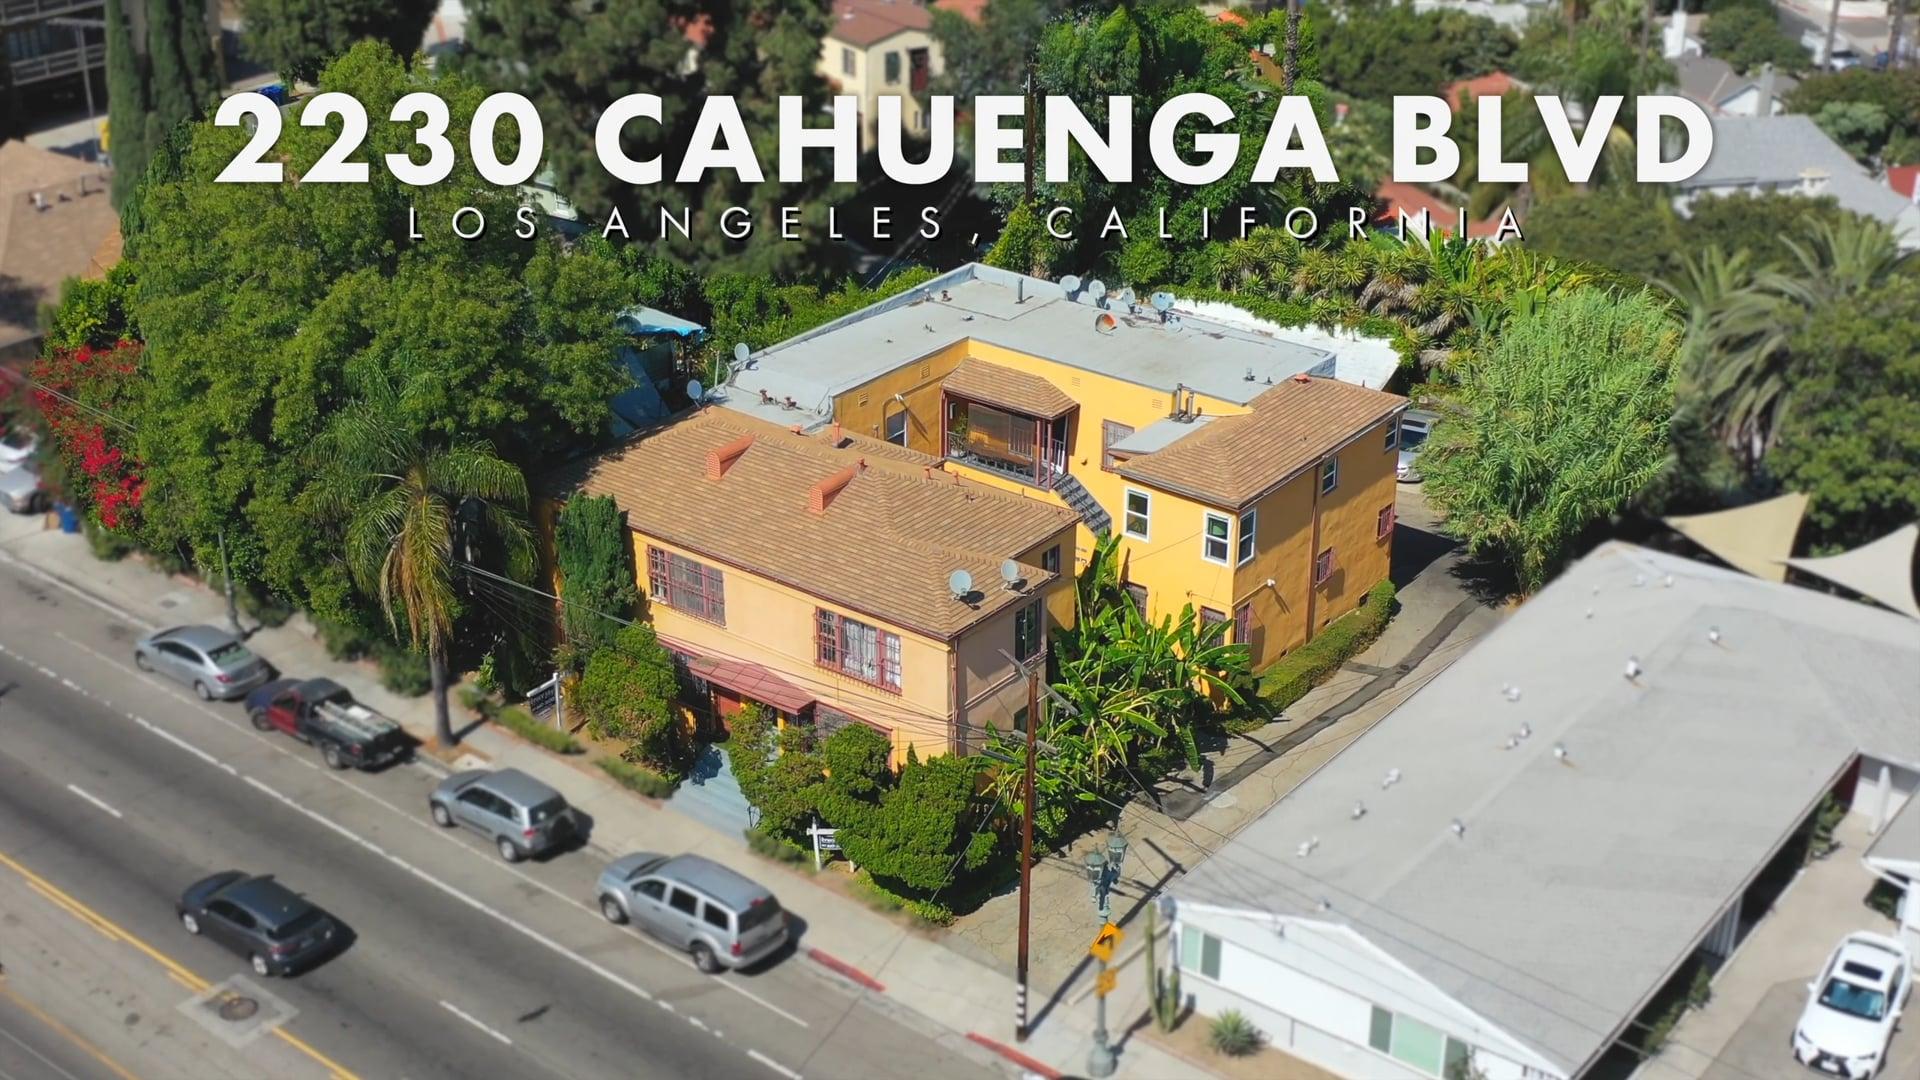 2230 Cahuenga Blvd, Los Angeles, CA 90068